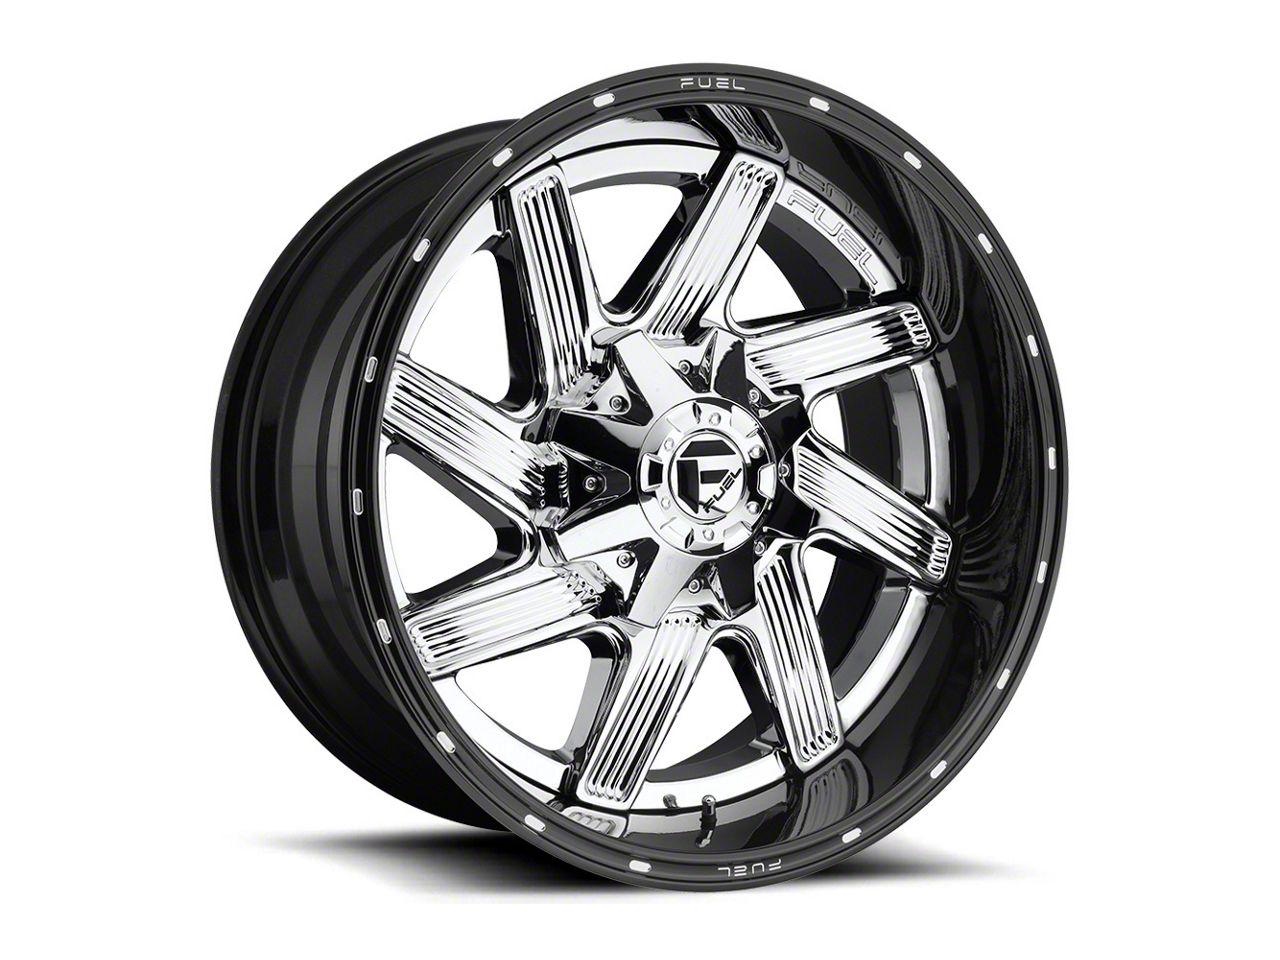 Fuel Wheels Moab Chrome 6-Lug Wheel - 20x10 (99-18 Silverado 1500)